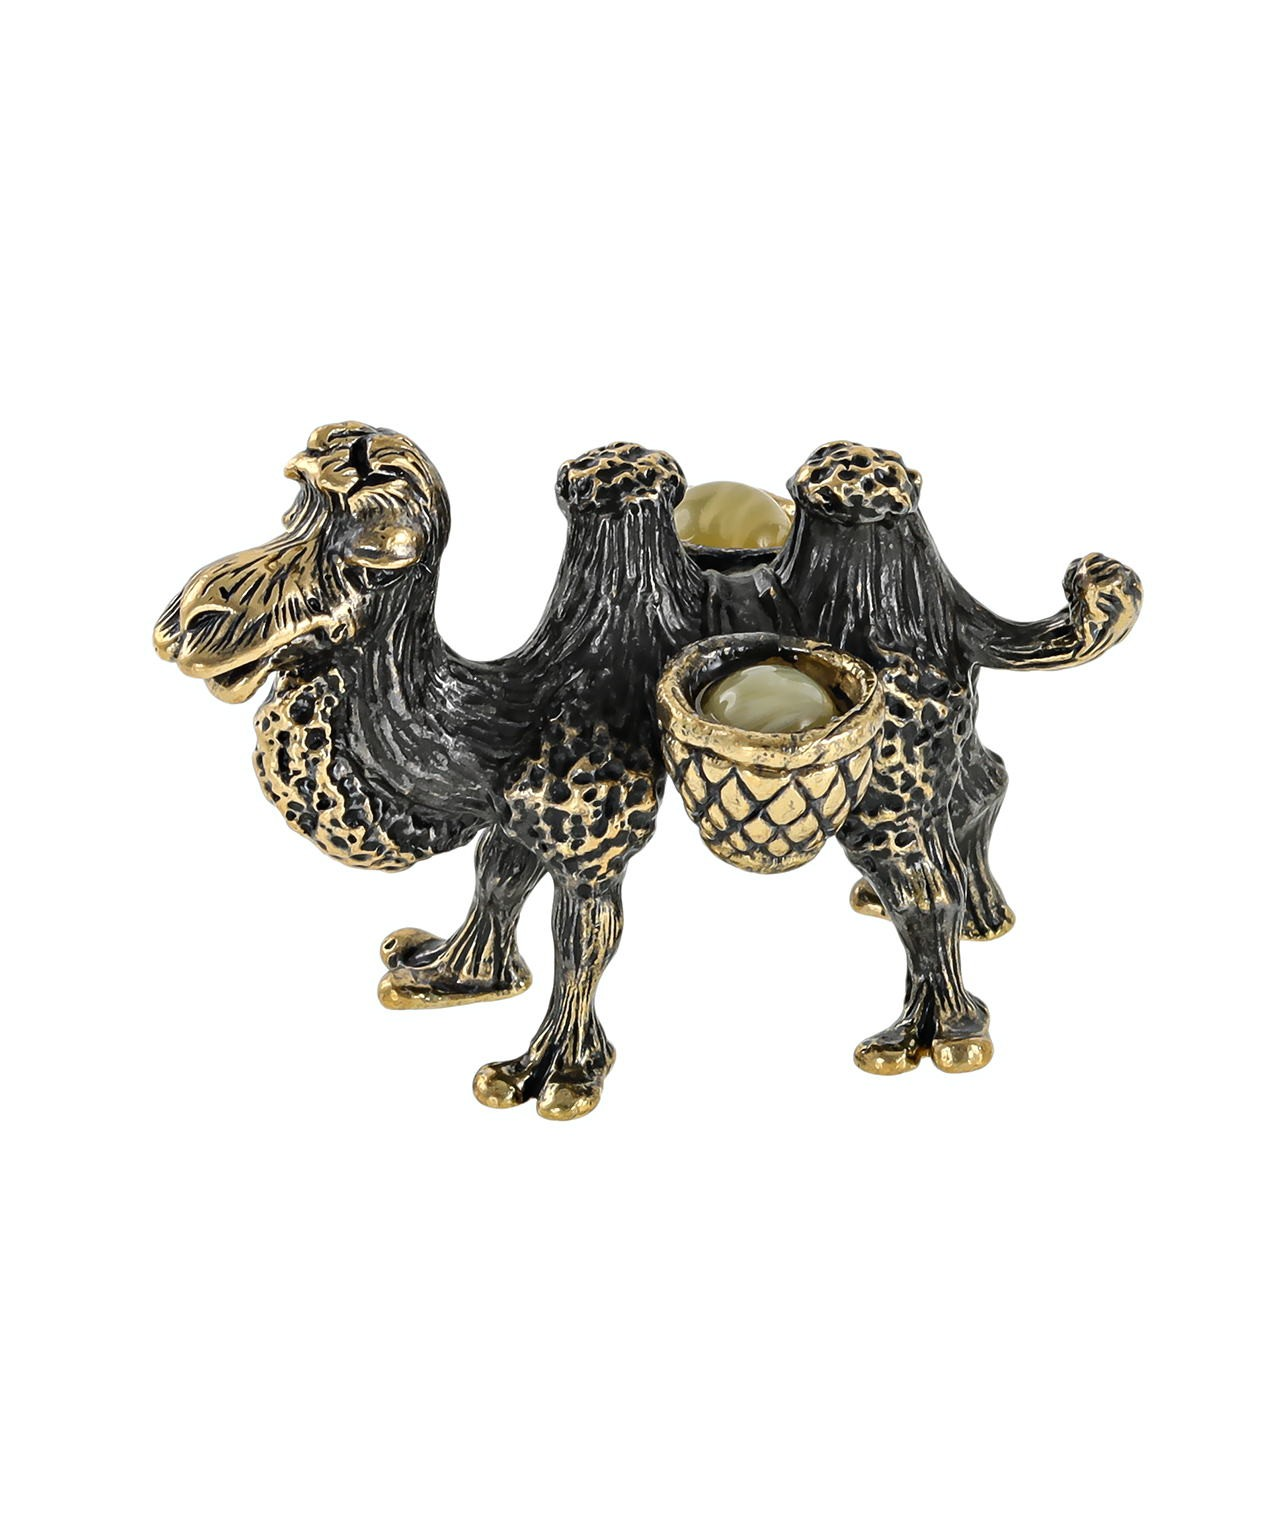 Верблюд малыш с поклажей без подставки 2663.1